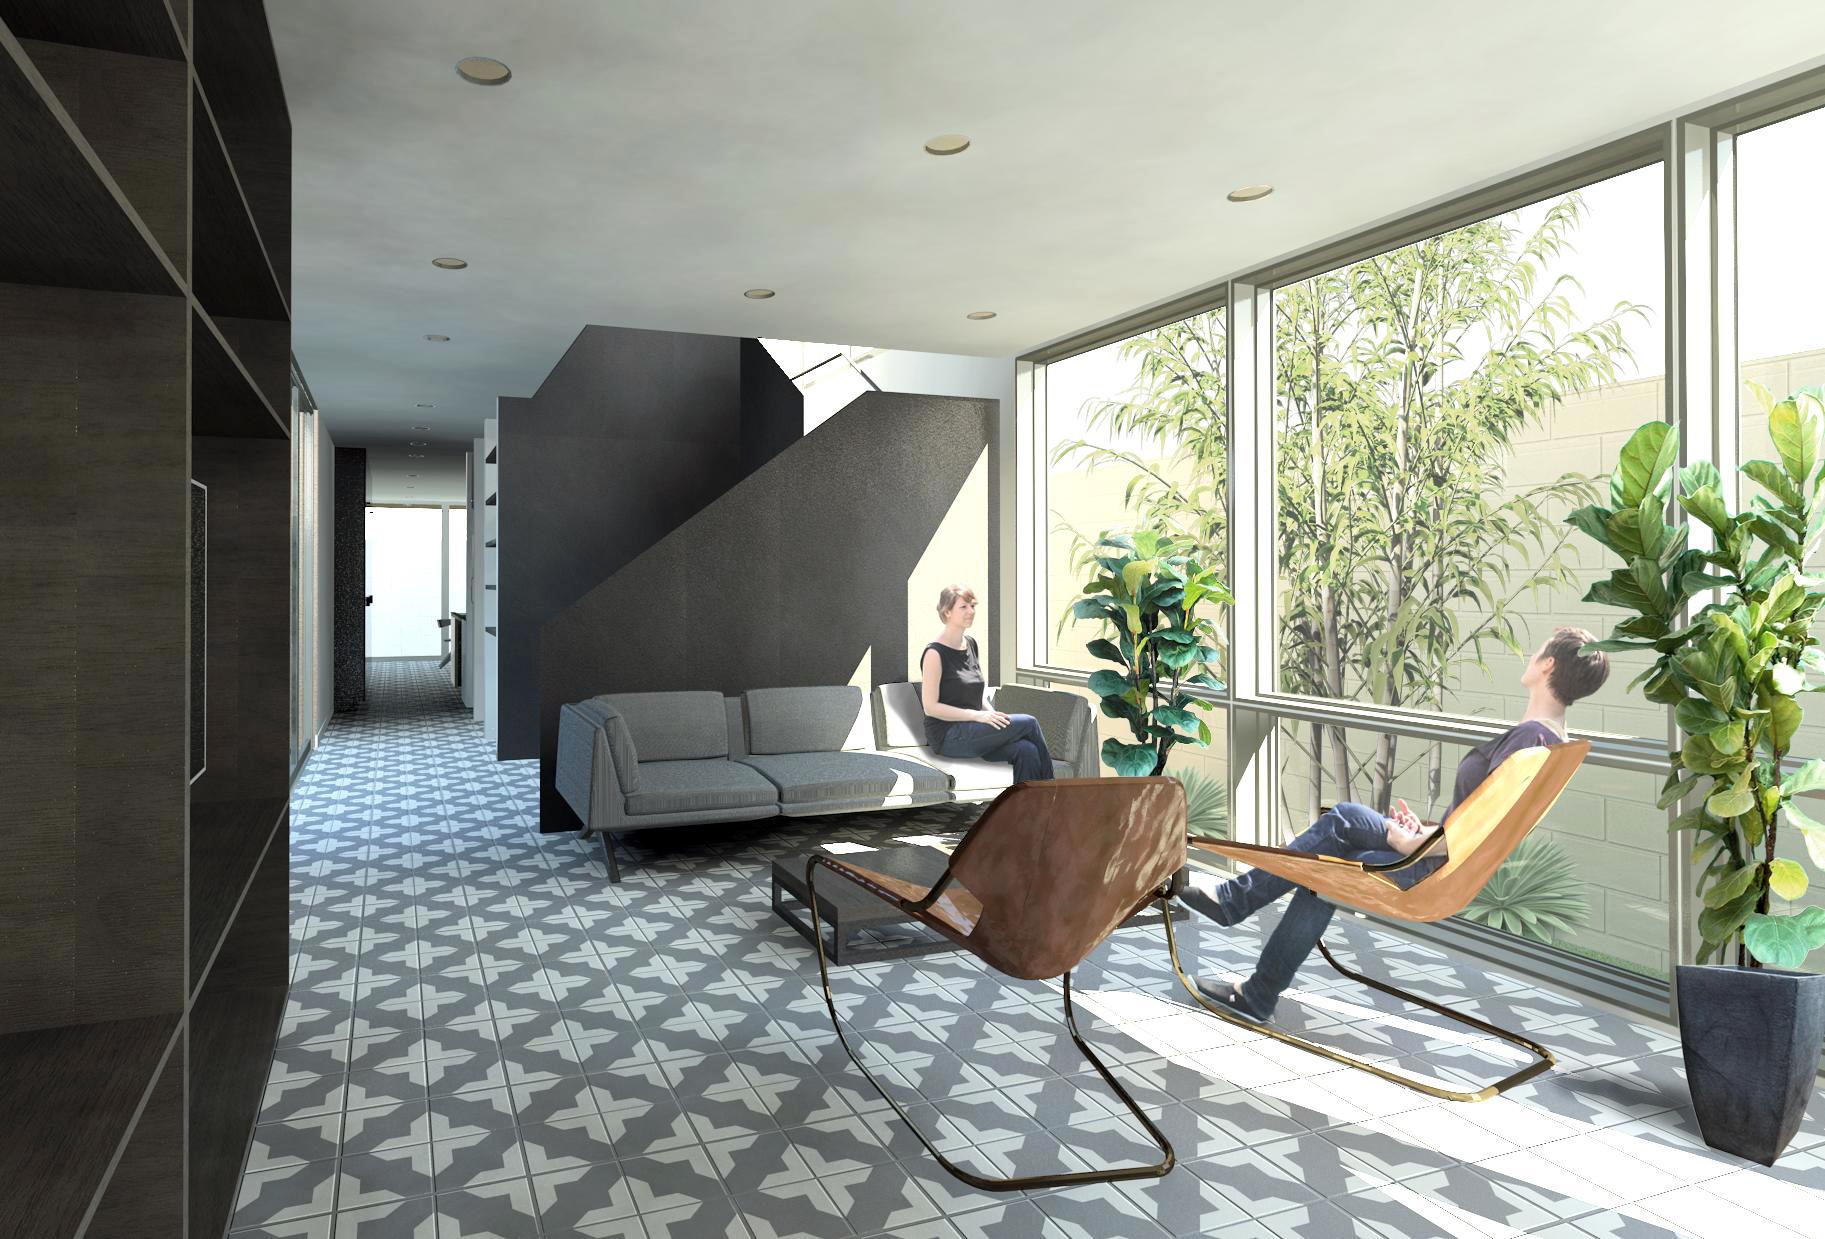 25x100 Interior 1.JPG